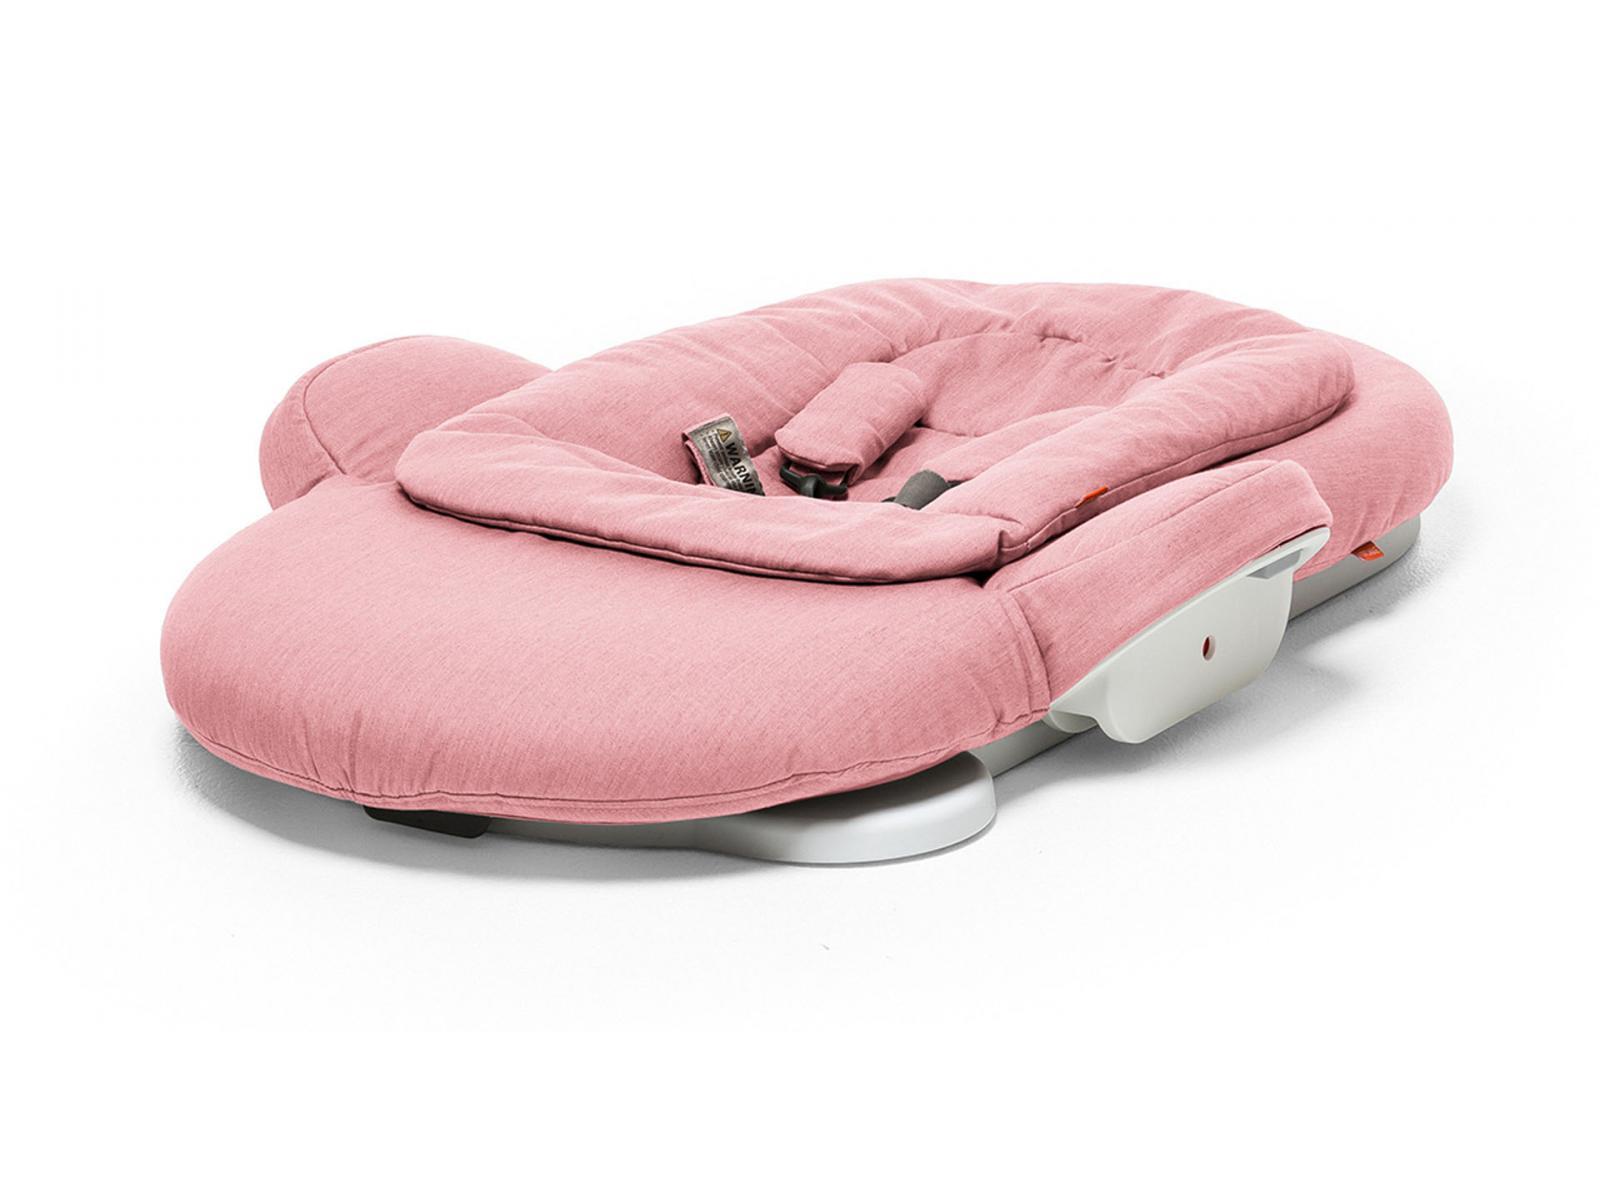 stokke transat stokke steps tm couleur rose. Black Bedroom Furniture Sets. Home Design Ideas